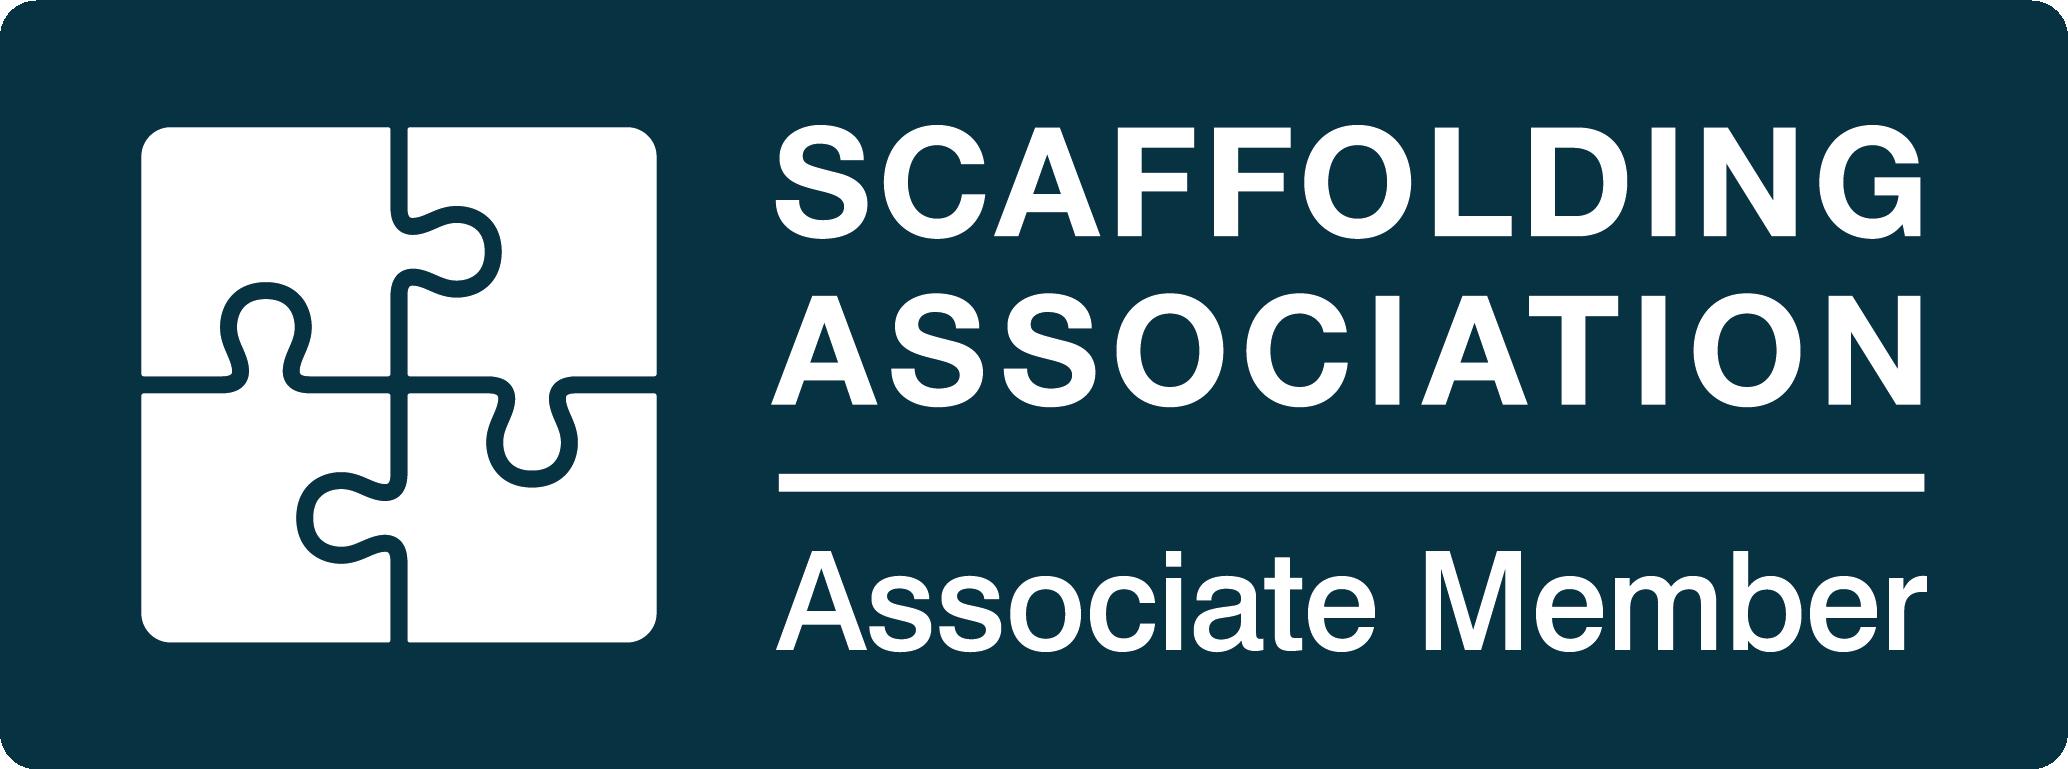 Scaffolding Association Associate Member Logo